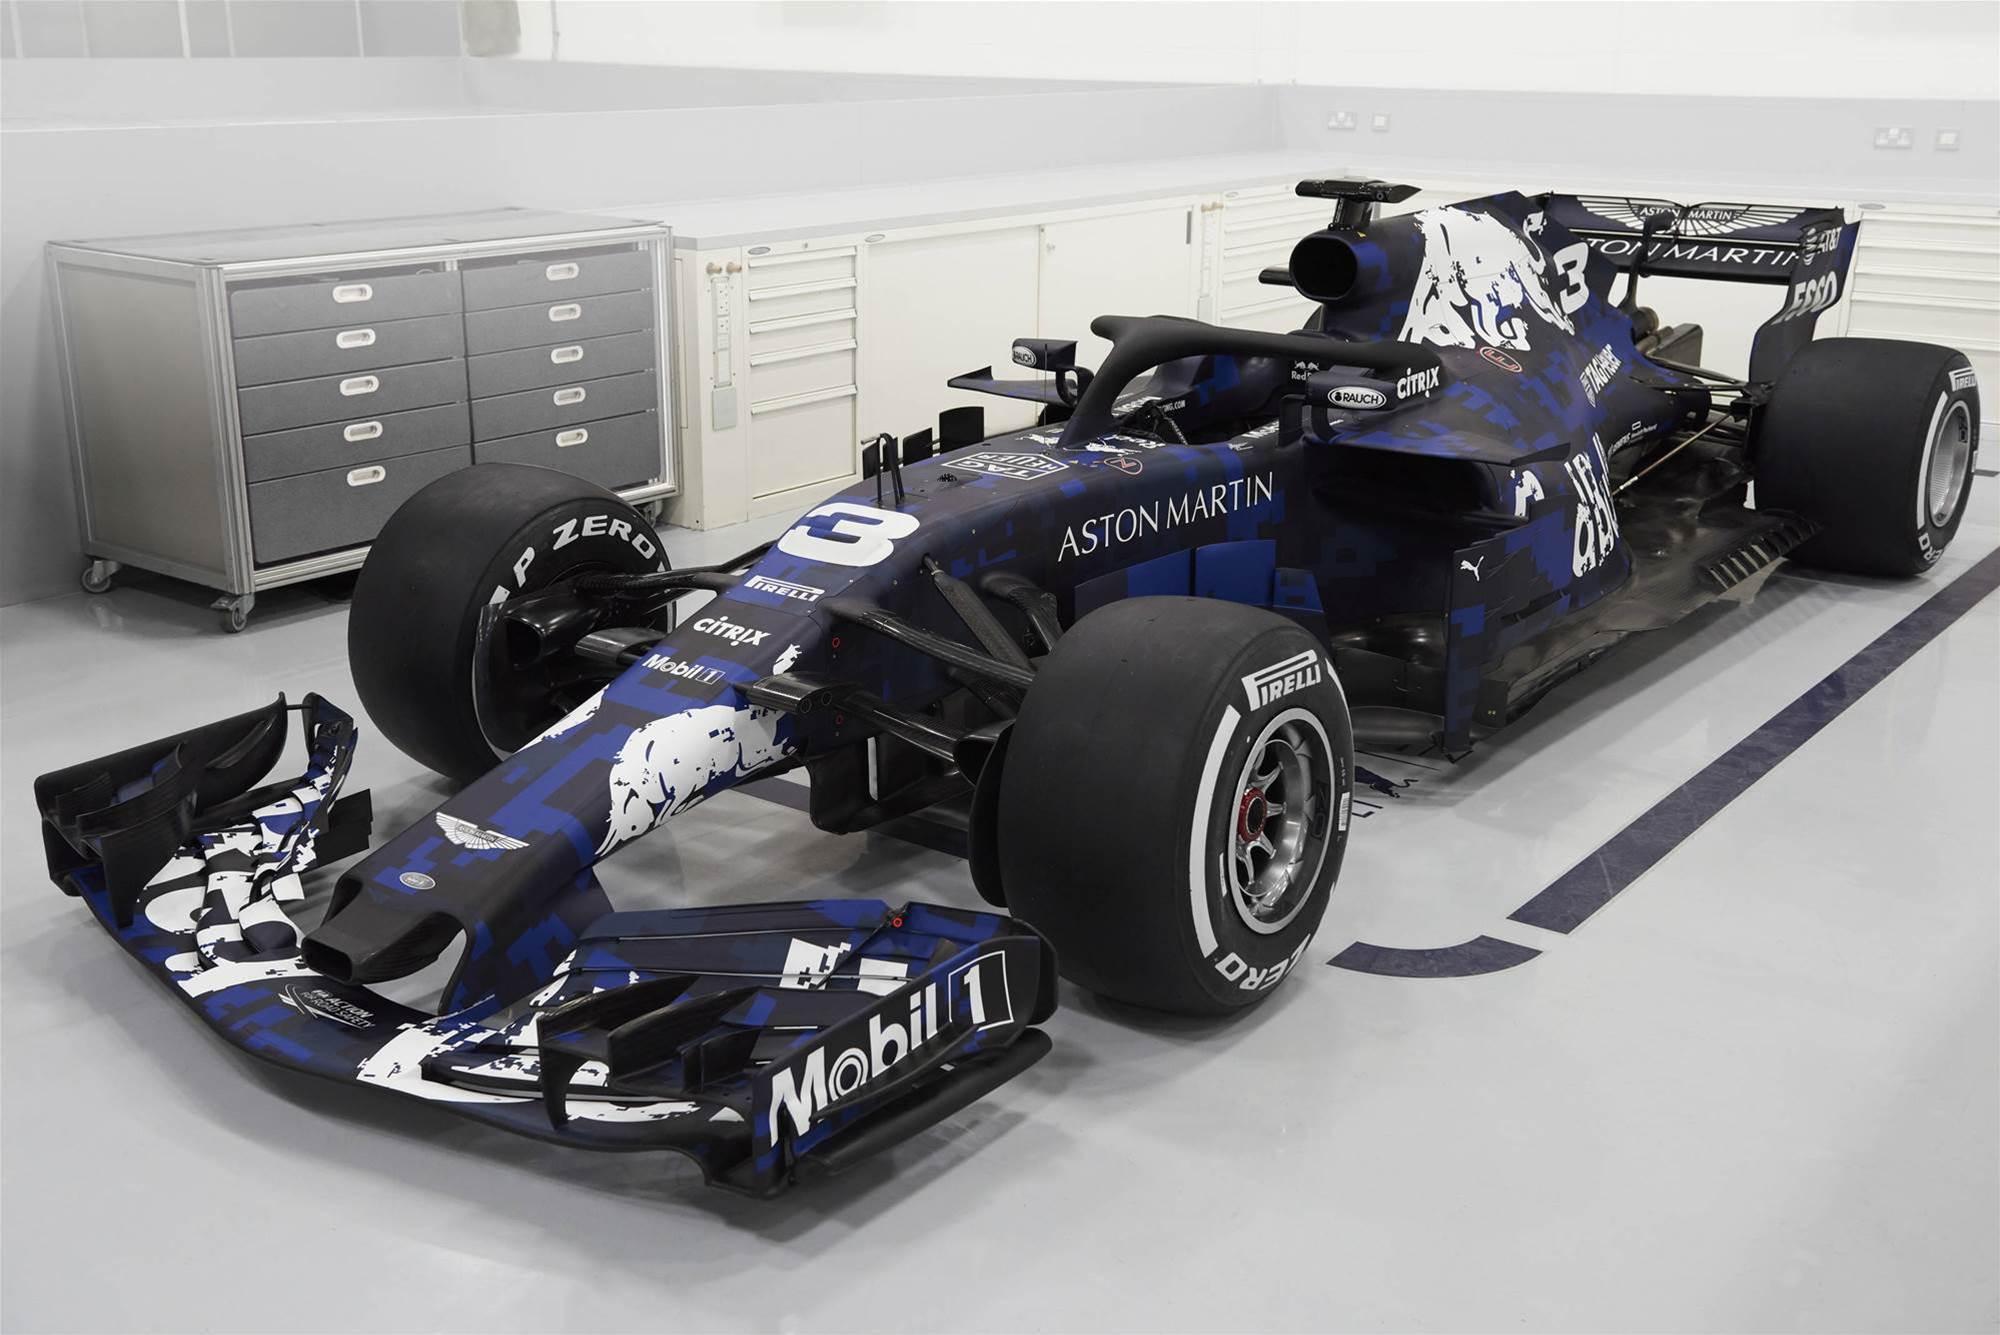 New Red Bull F1 car breaks cover